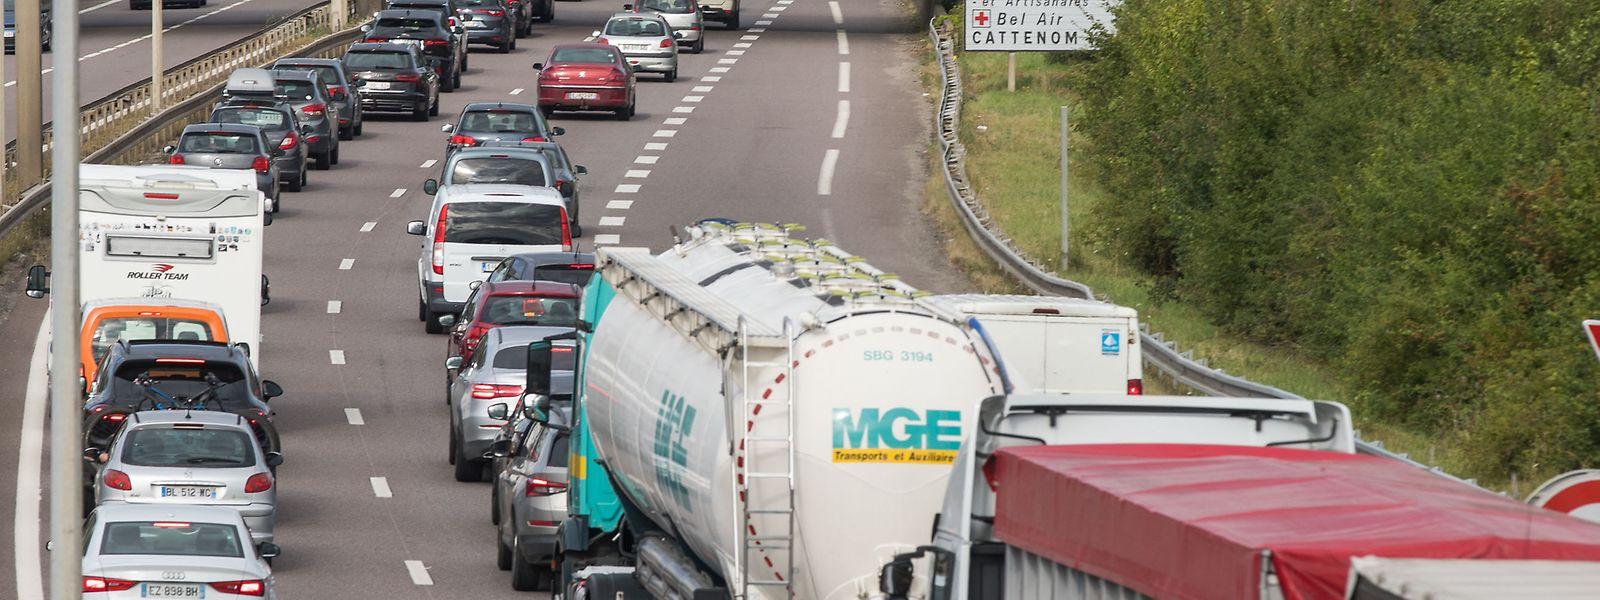 Déjà saturée, l'A31 va-t-elle devoir absorber en plus un flux de camions évitant l'Alsace? Les élus lorrains le craignent.